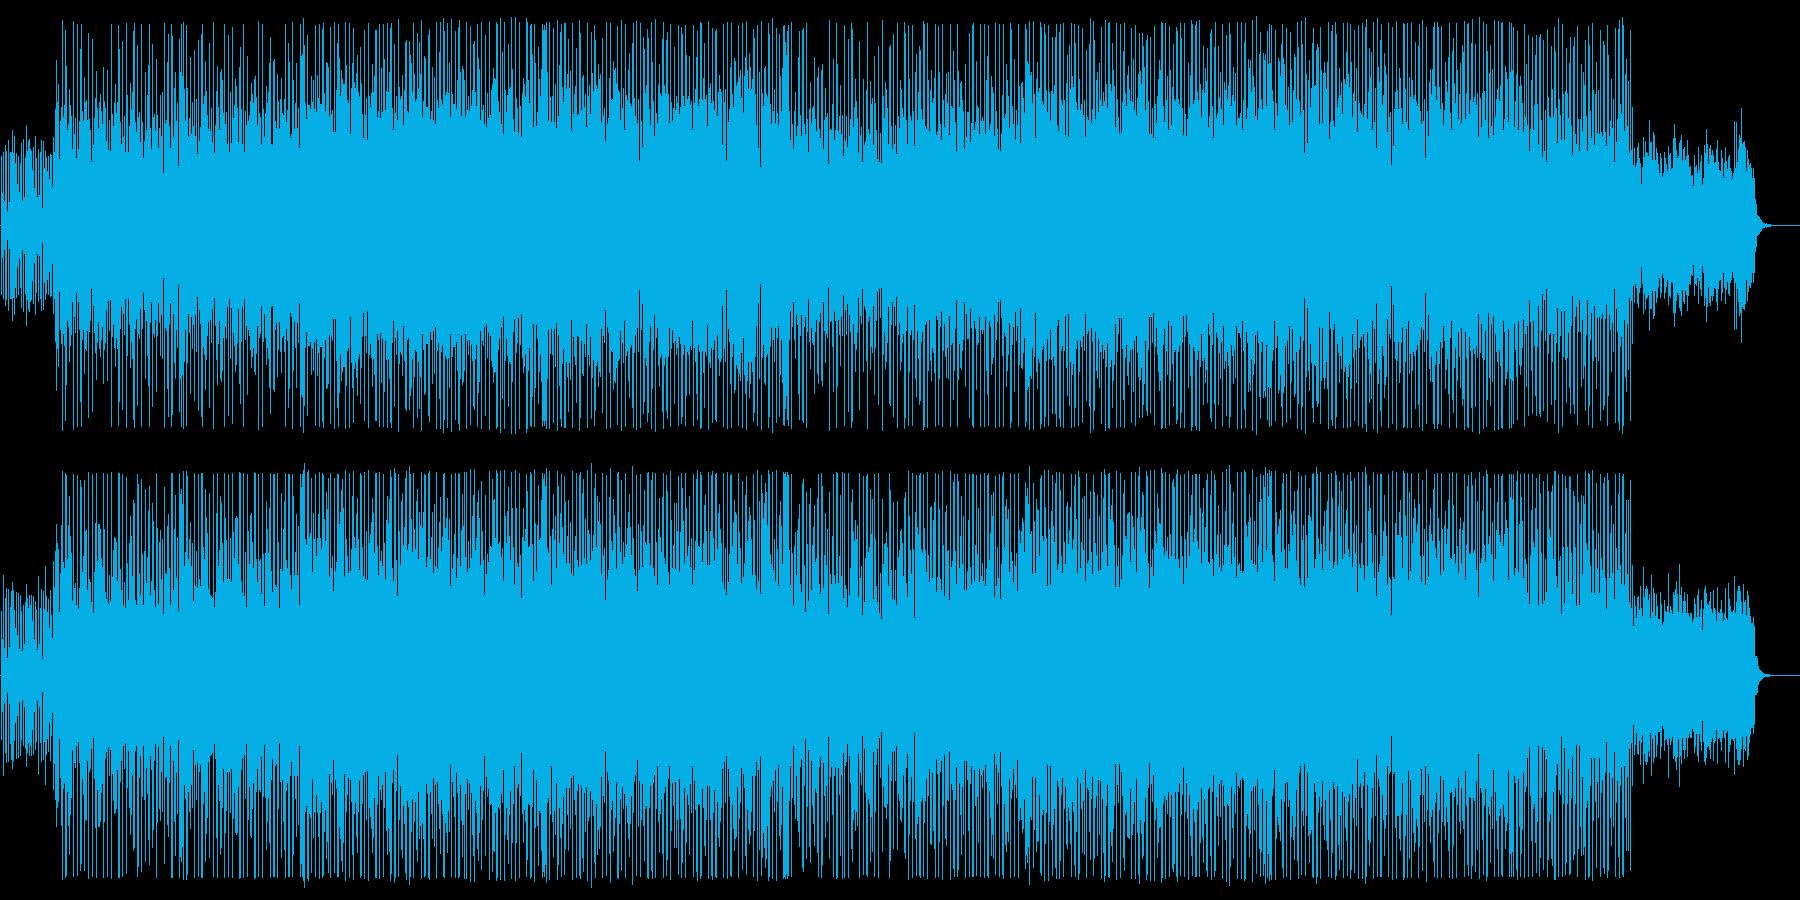 リズミカルでミディアムテンポなサウンドの再生済みの波形